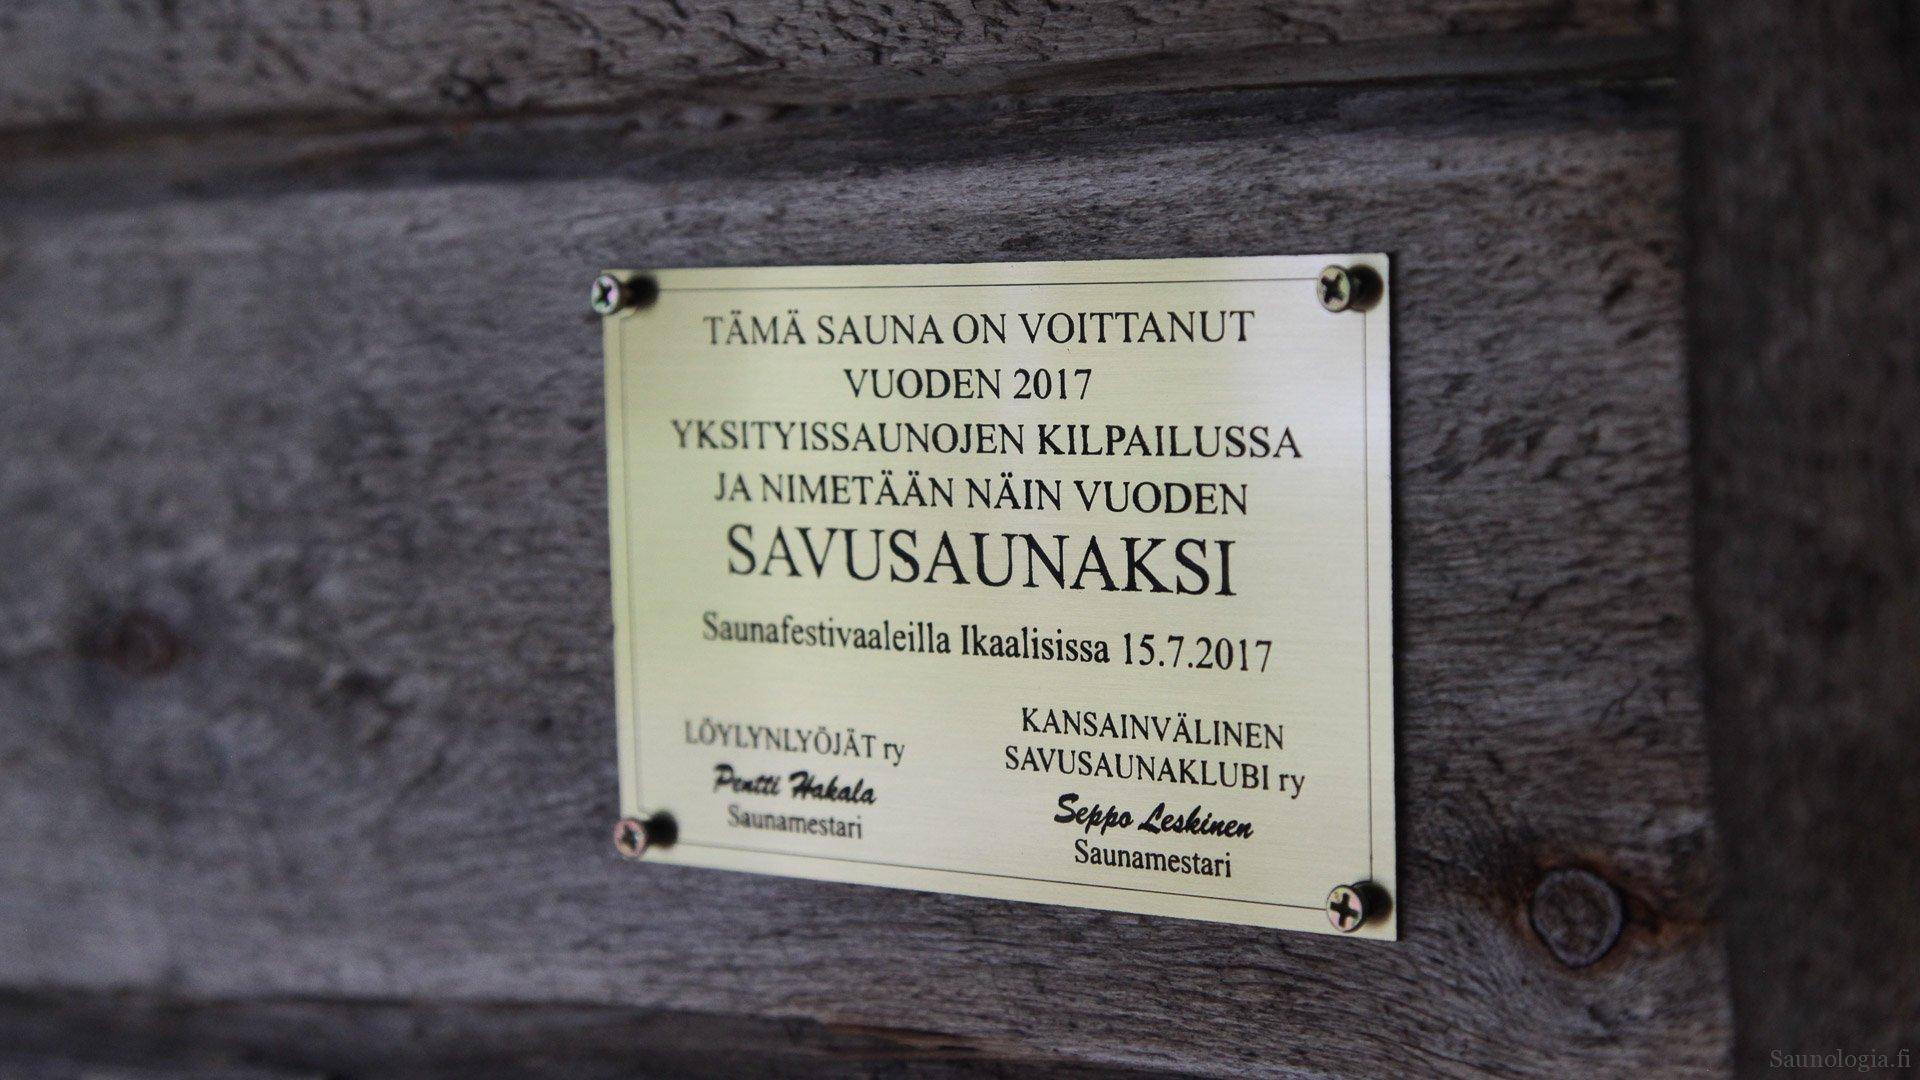 171213-markkut-vuoden-savusauna-kilpi-0856